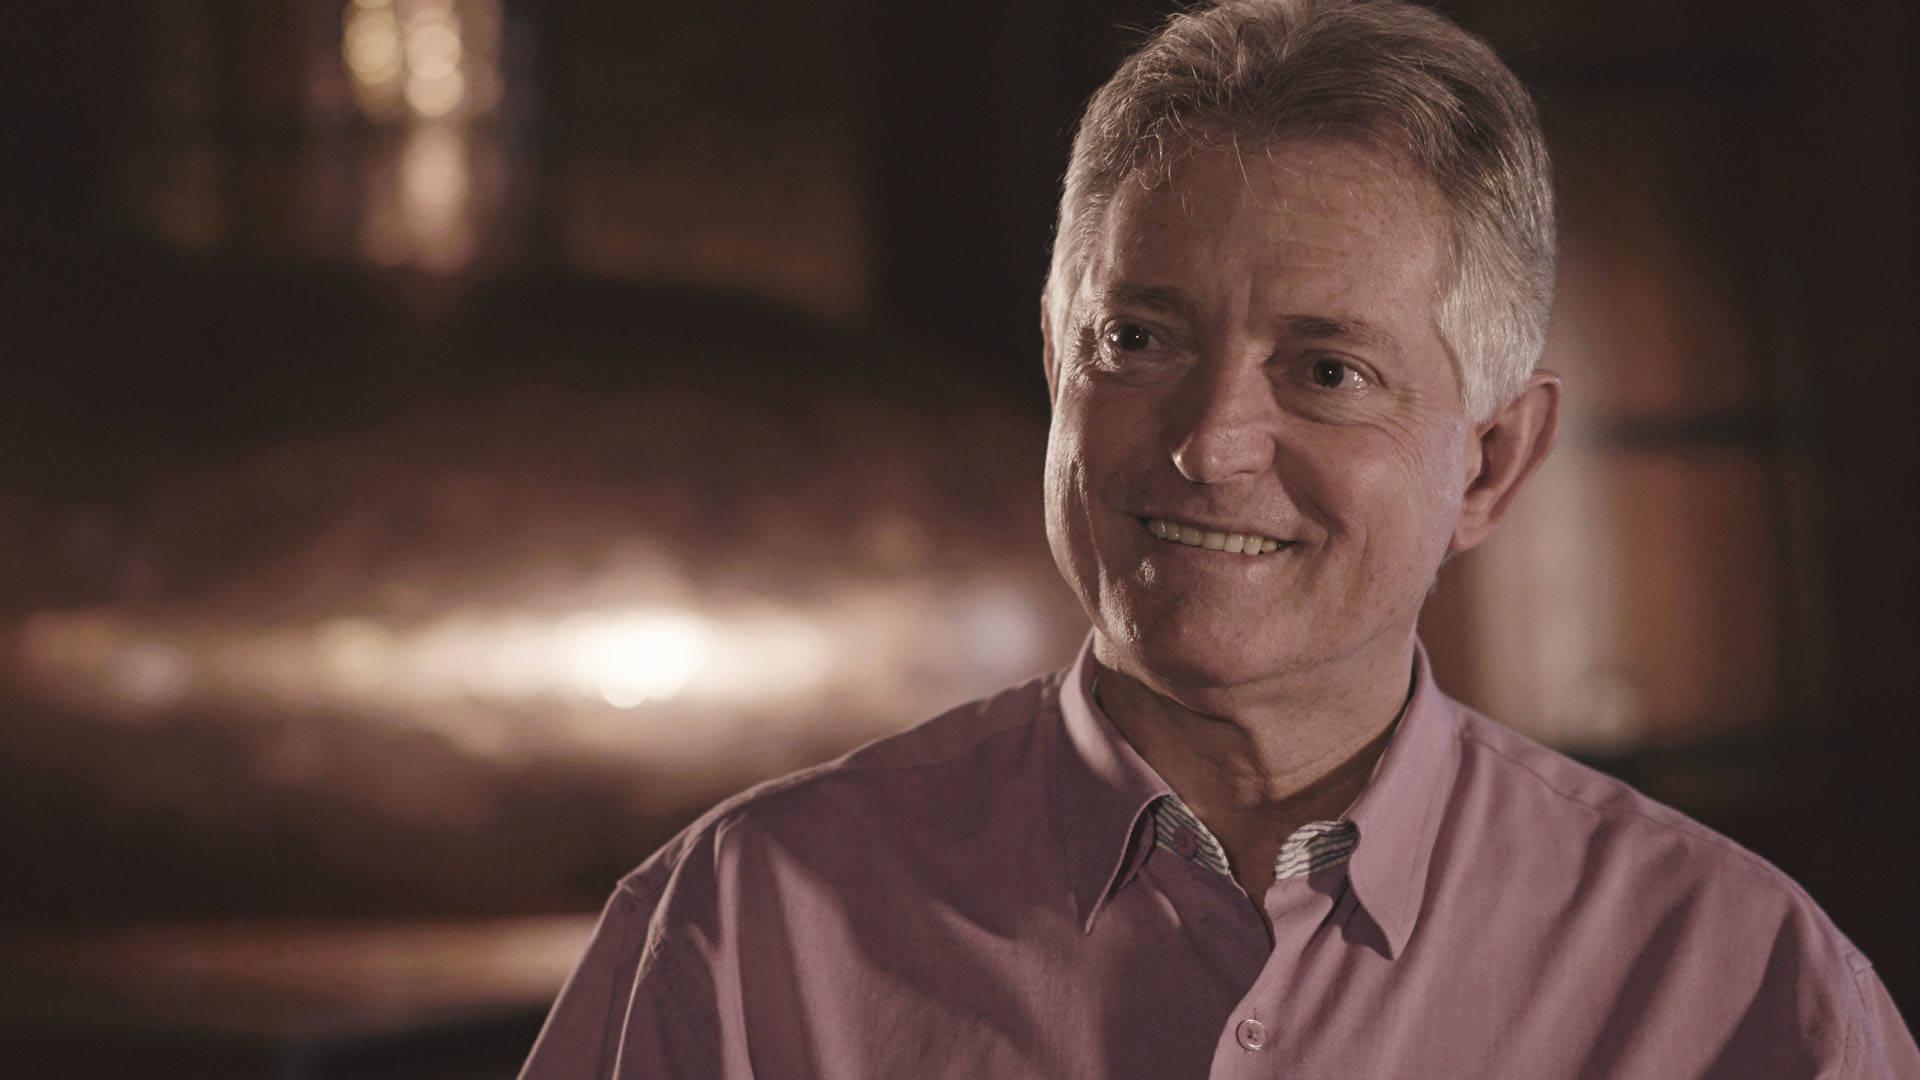 Na imagem, Delfino Golfeto, empreendedor e fundador da rede de restaurantes Água Doce Cachaçaria.